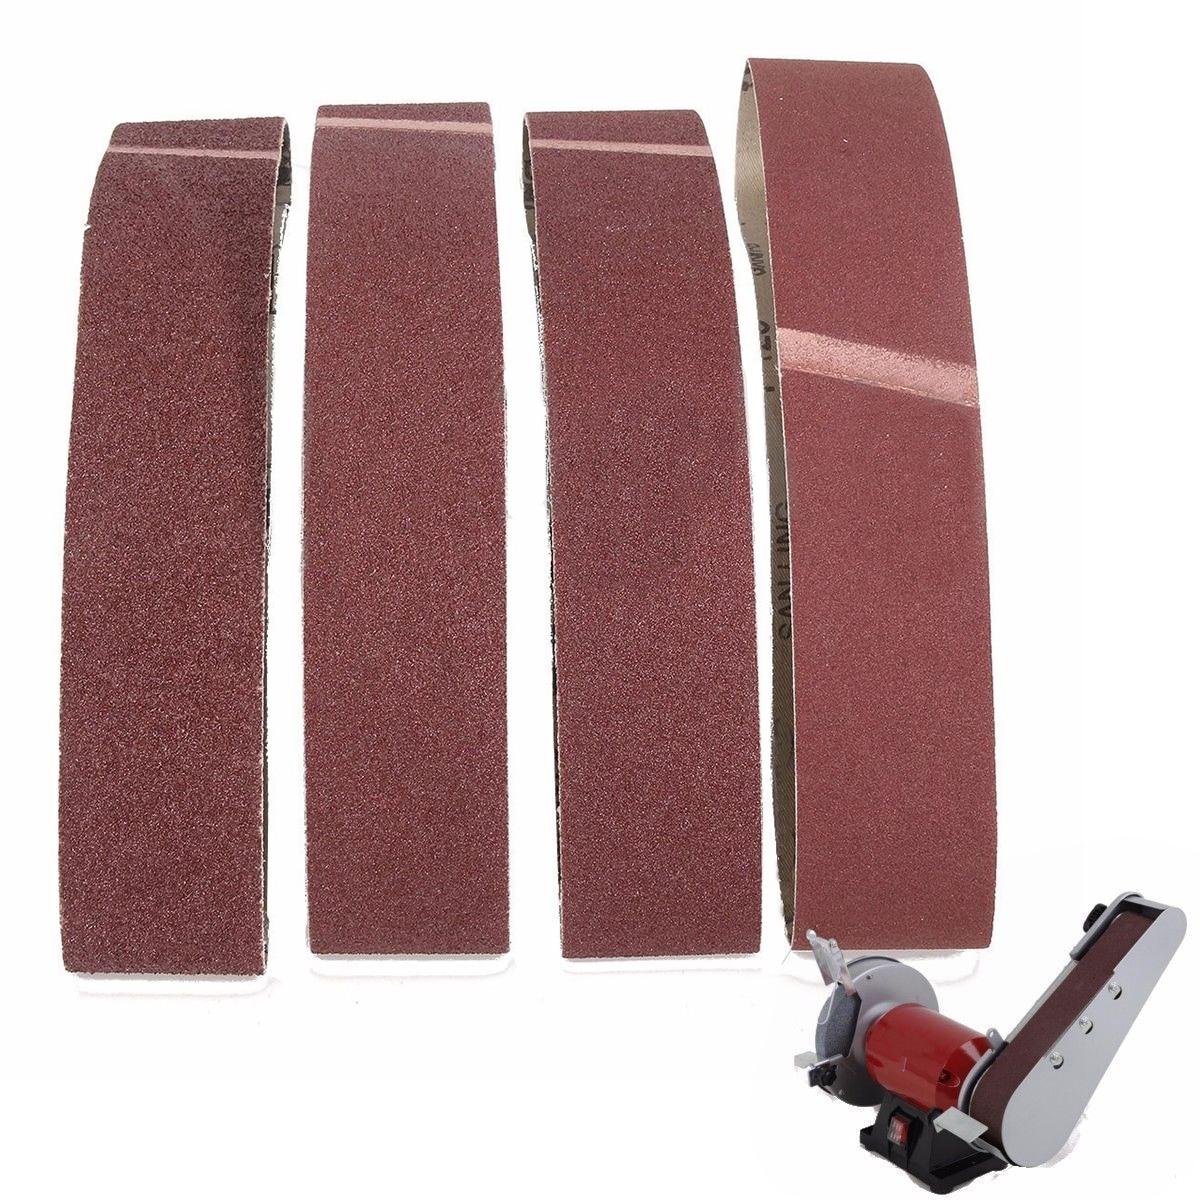 Dwz 20 pces 50x686mm lixamento correias misturadas grau 40 60 80 120 grão óxido lixadeira grosseira